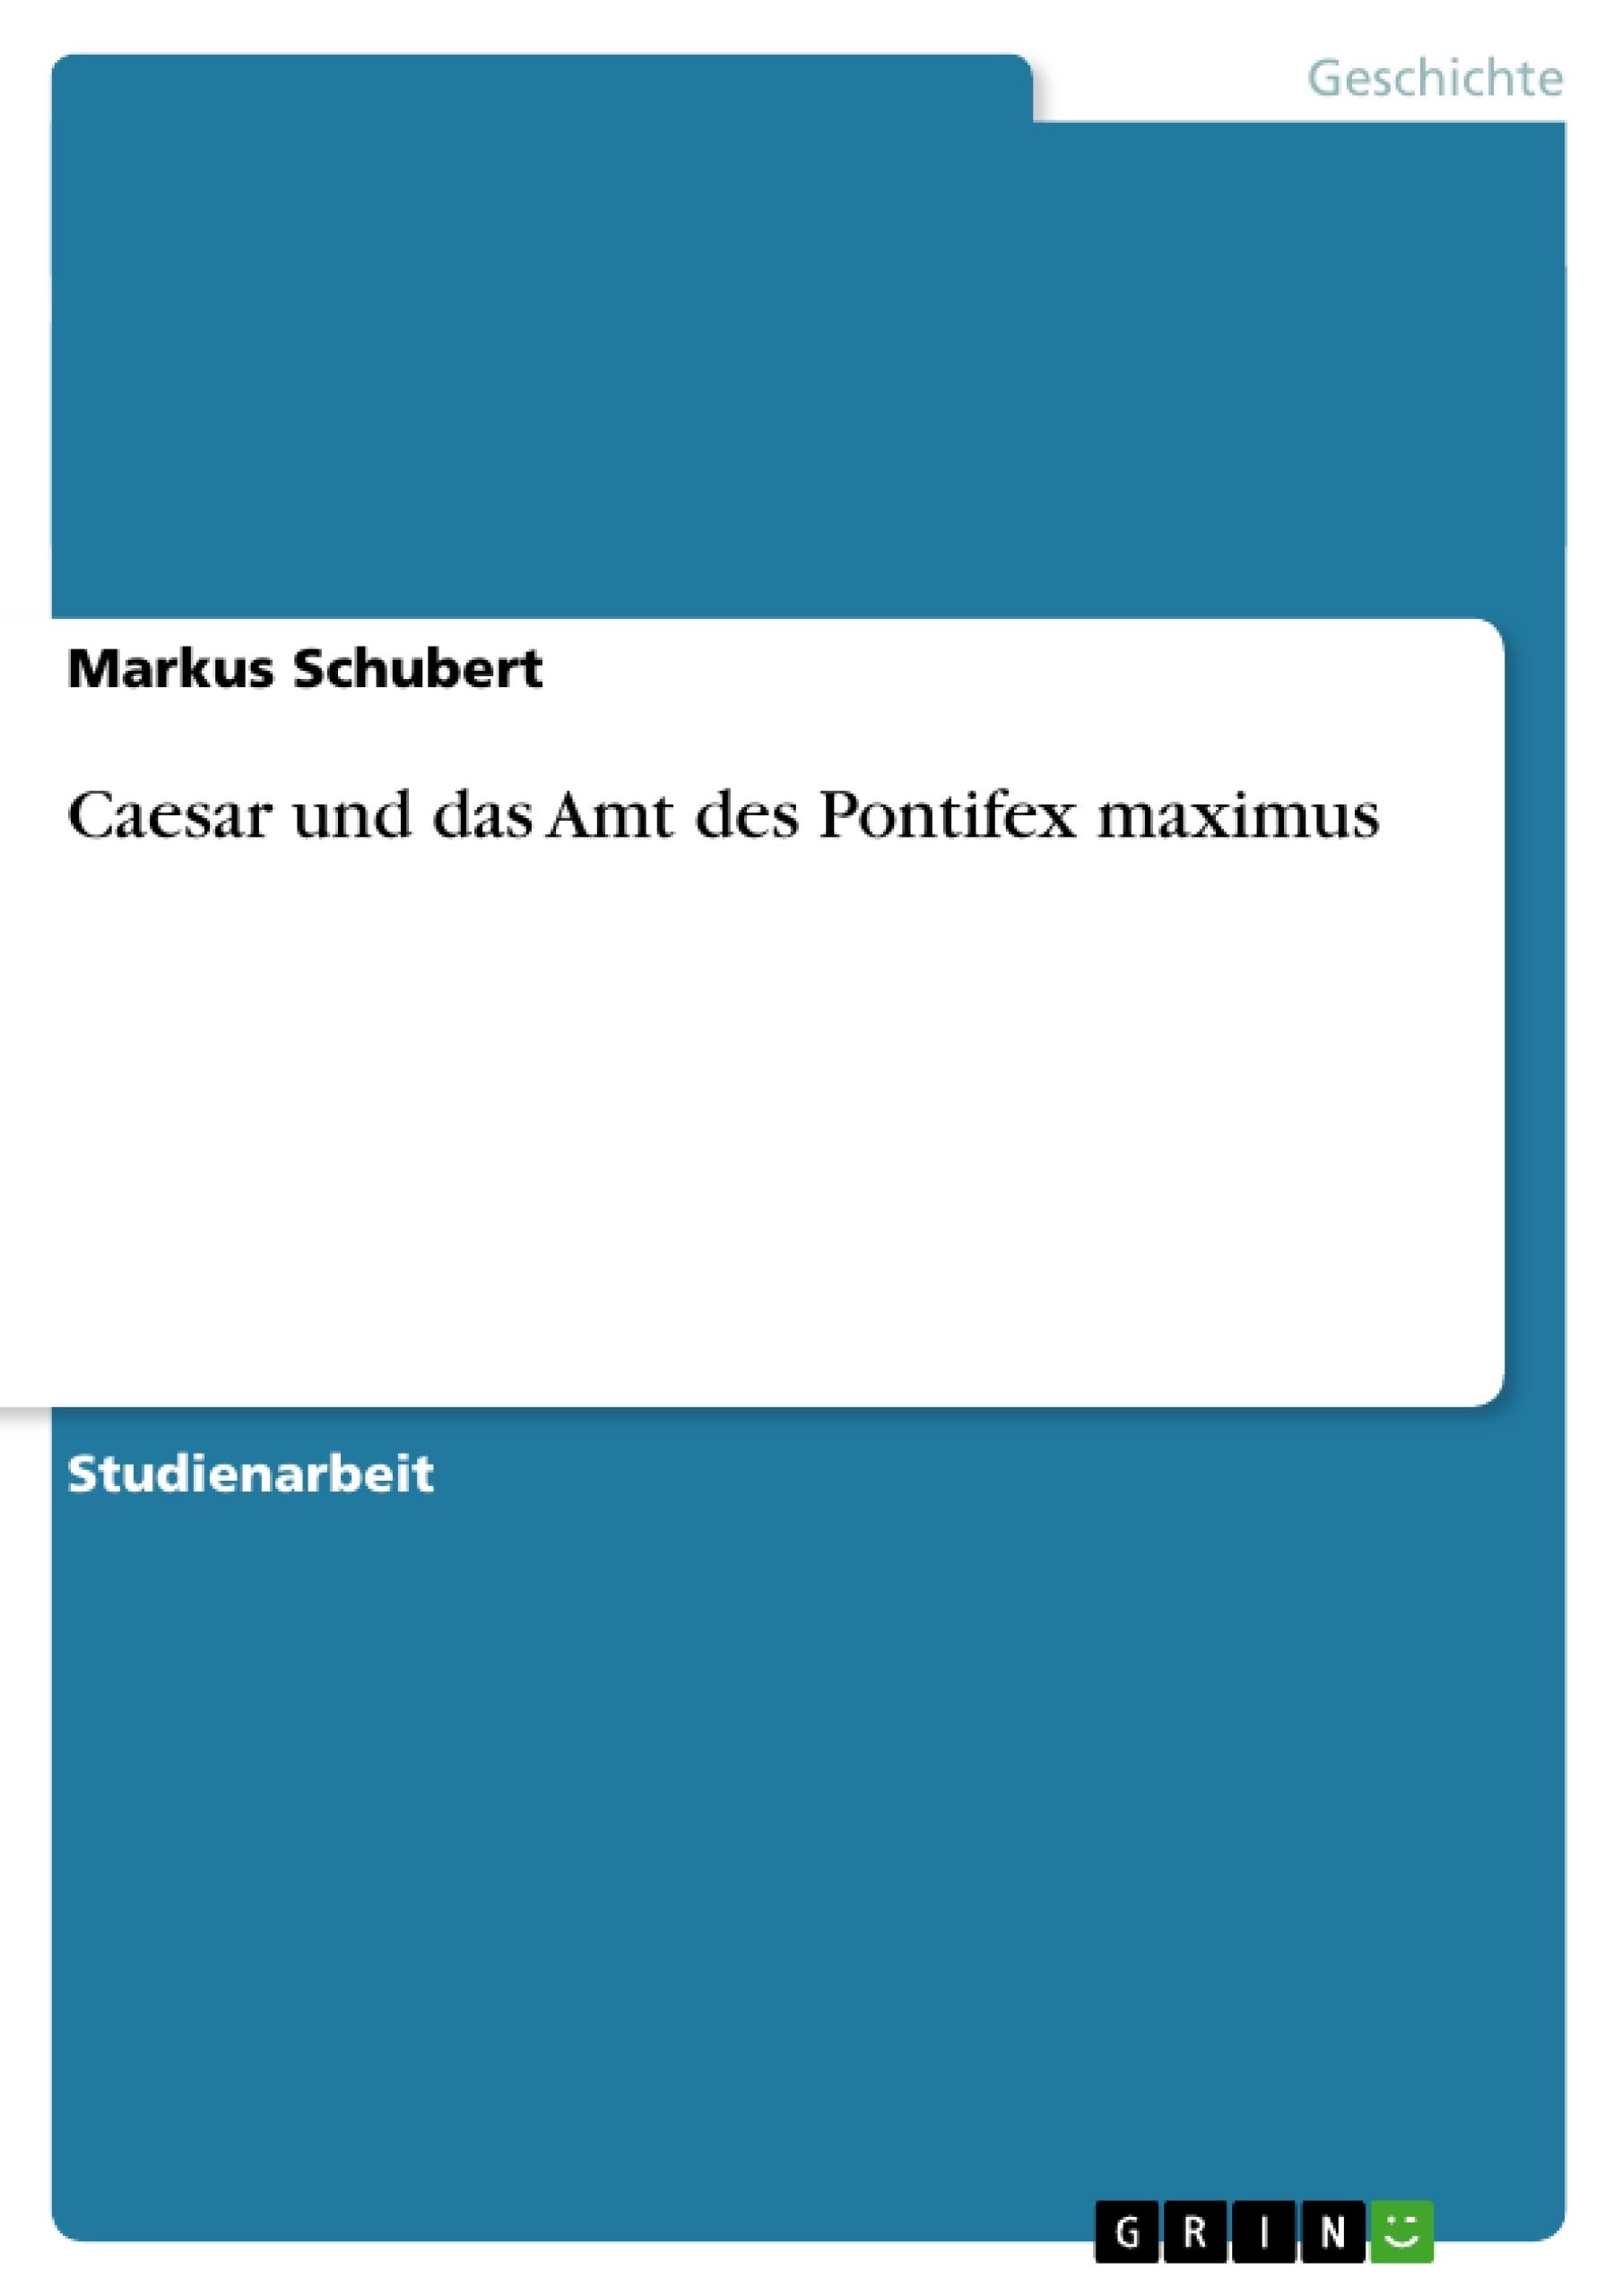 Titel: Caesar und das Amt des Pontifex maximus